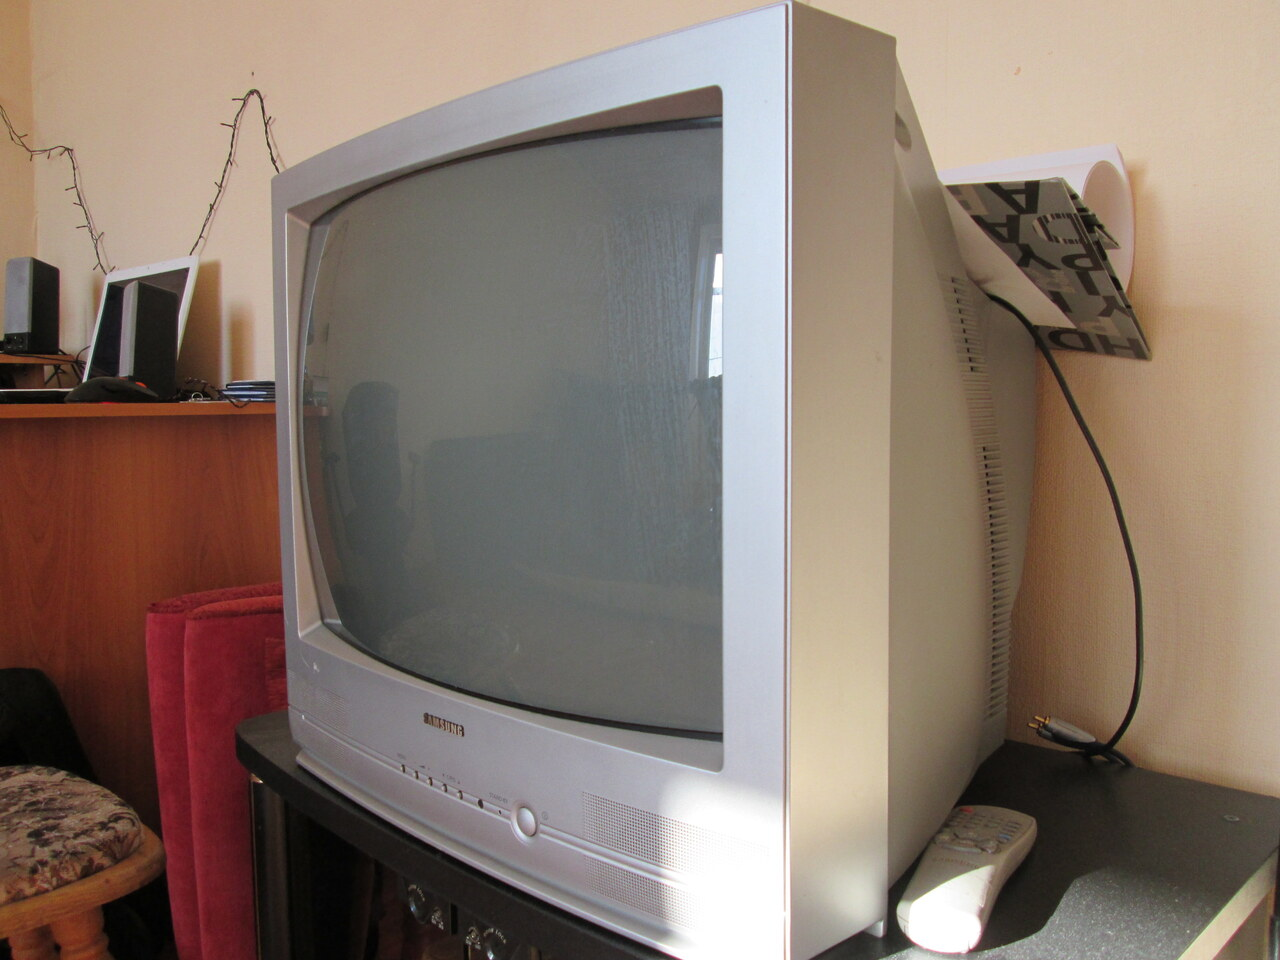 того, закуска старые телевизоры самсунг фото дрова